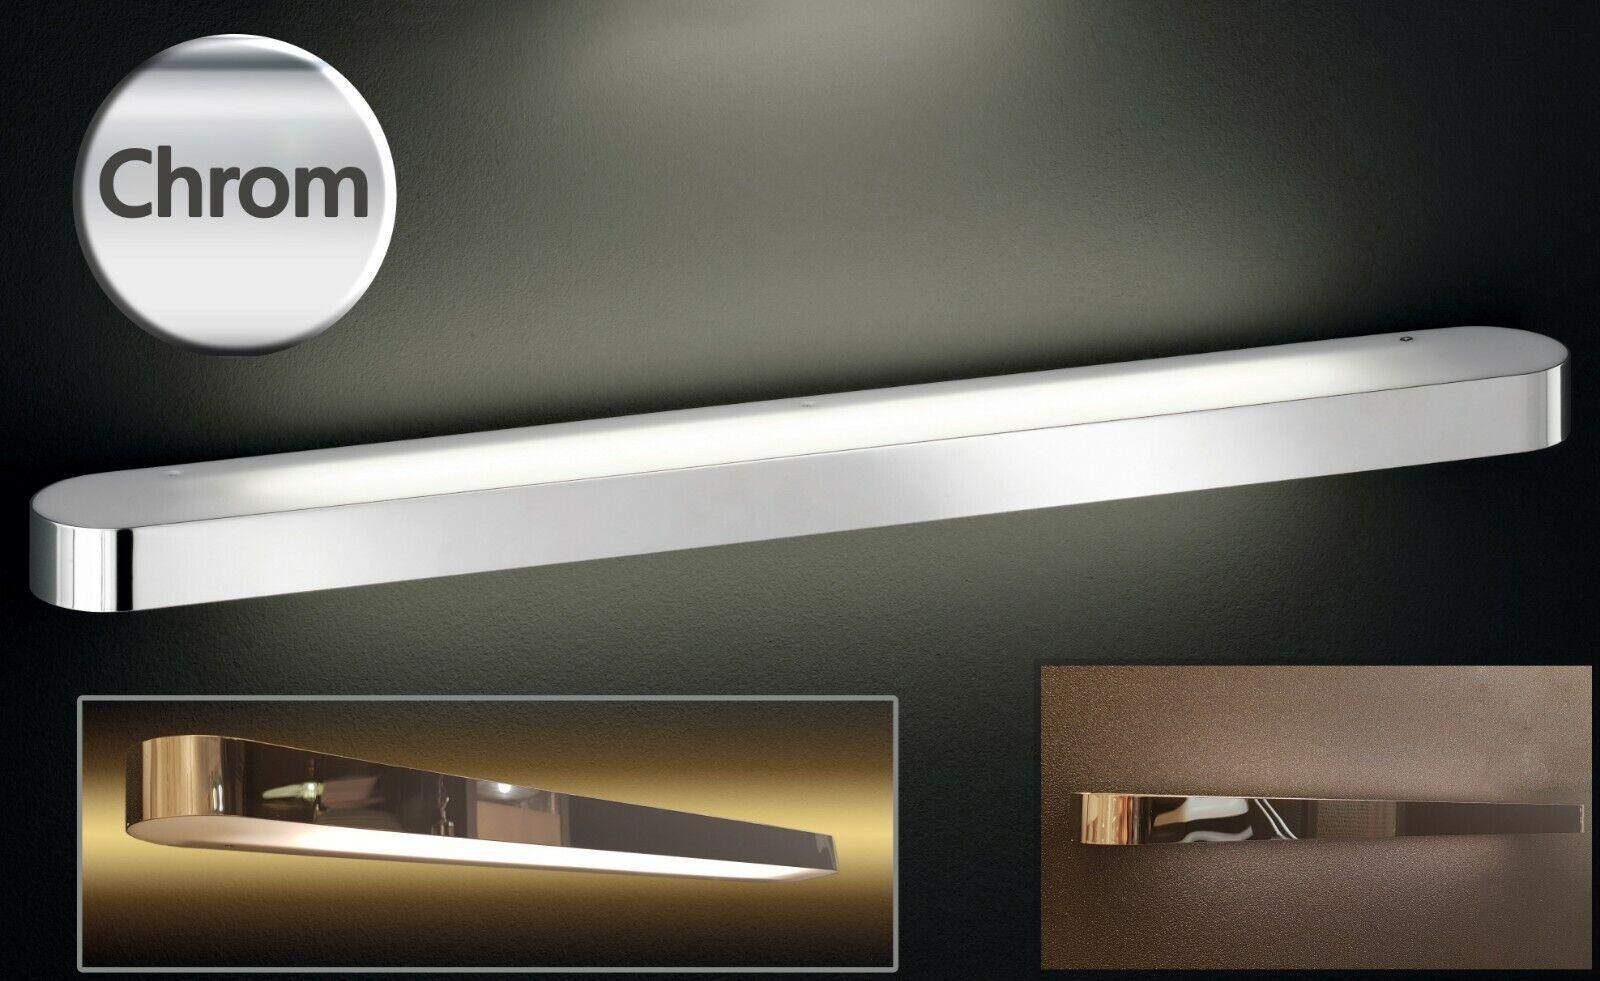 Details zu Wandlampe Chrom Spiegellampe 12 cm lang Badezimmer Lampe Wand  Leuchte Up & Down